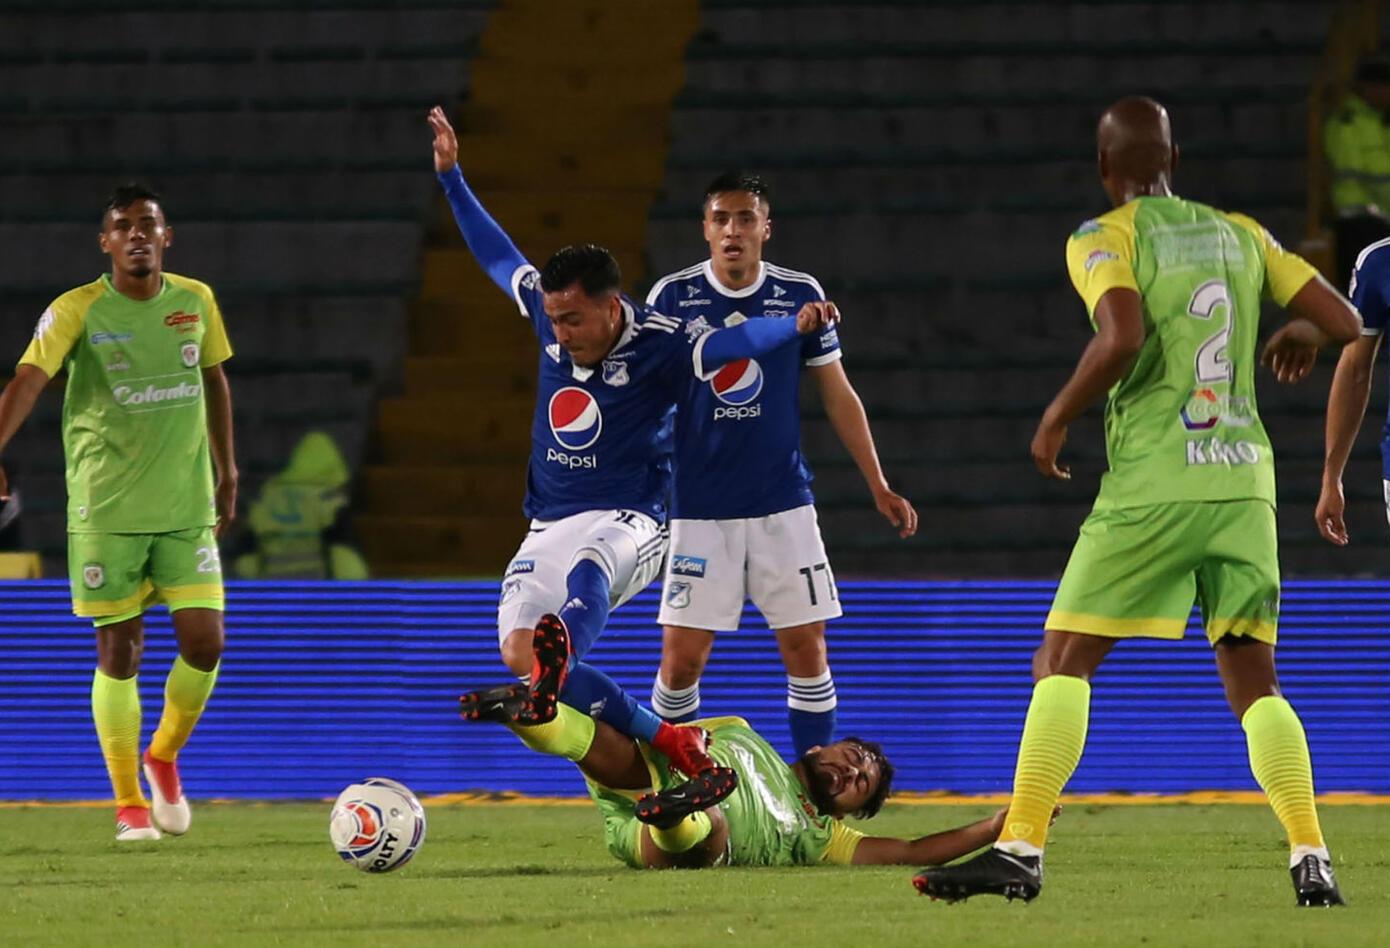 Millonarios vs Jaguares en el Campín